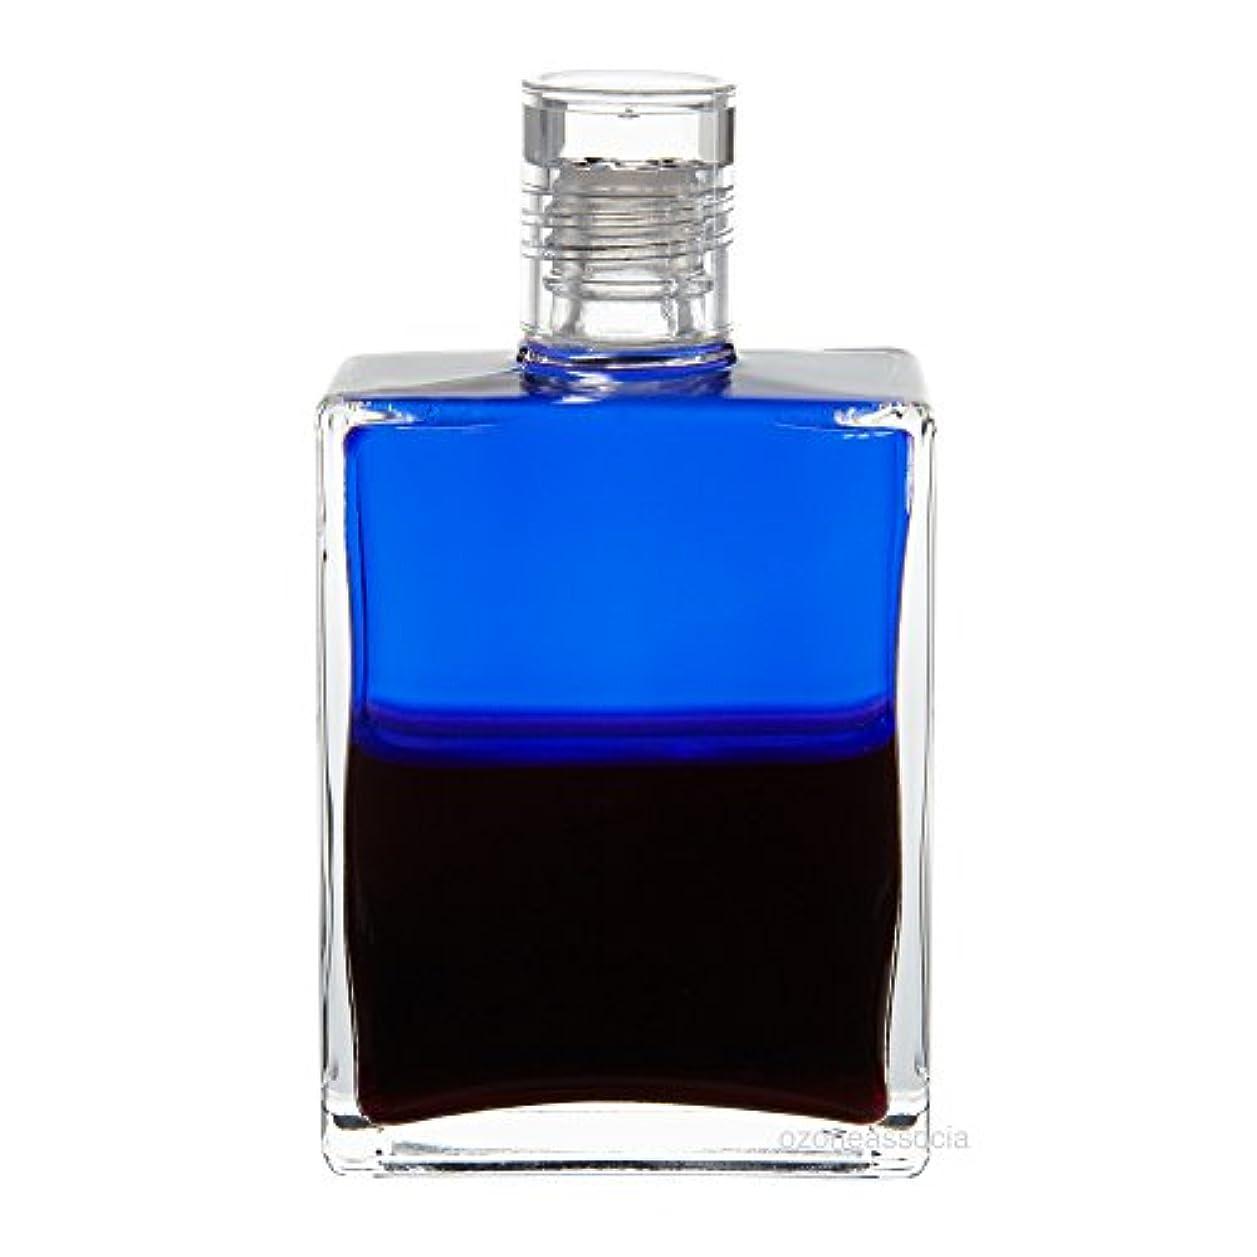 メイドメッセンジャー教養があるオーラソーマ ボトル 1番 フィジカル?レスキュー (ブルー/ディープマゼンタ) イクイリブリアムボトル50ml